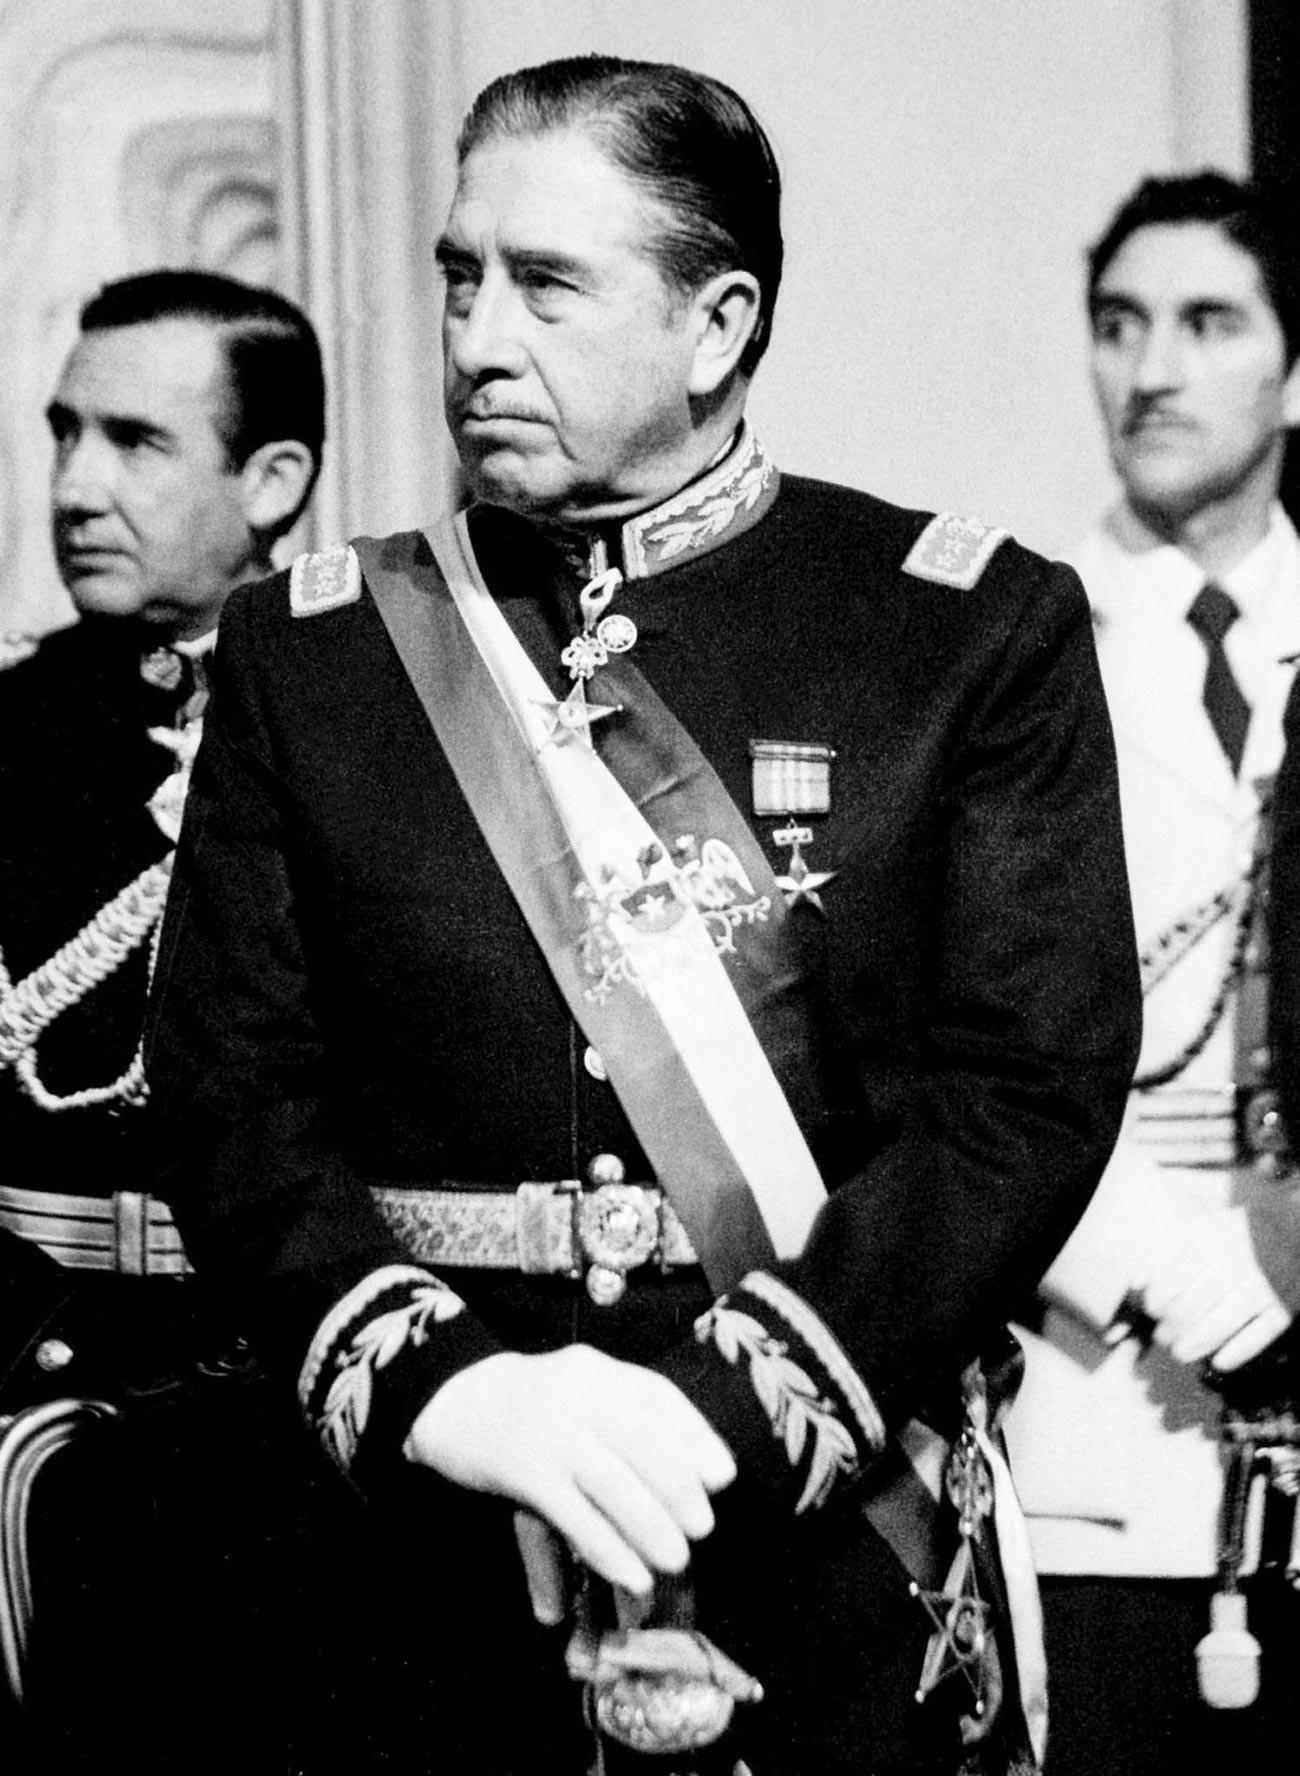 Аугусто Пиноче